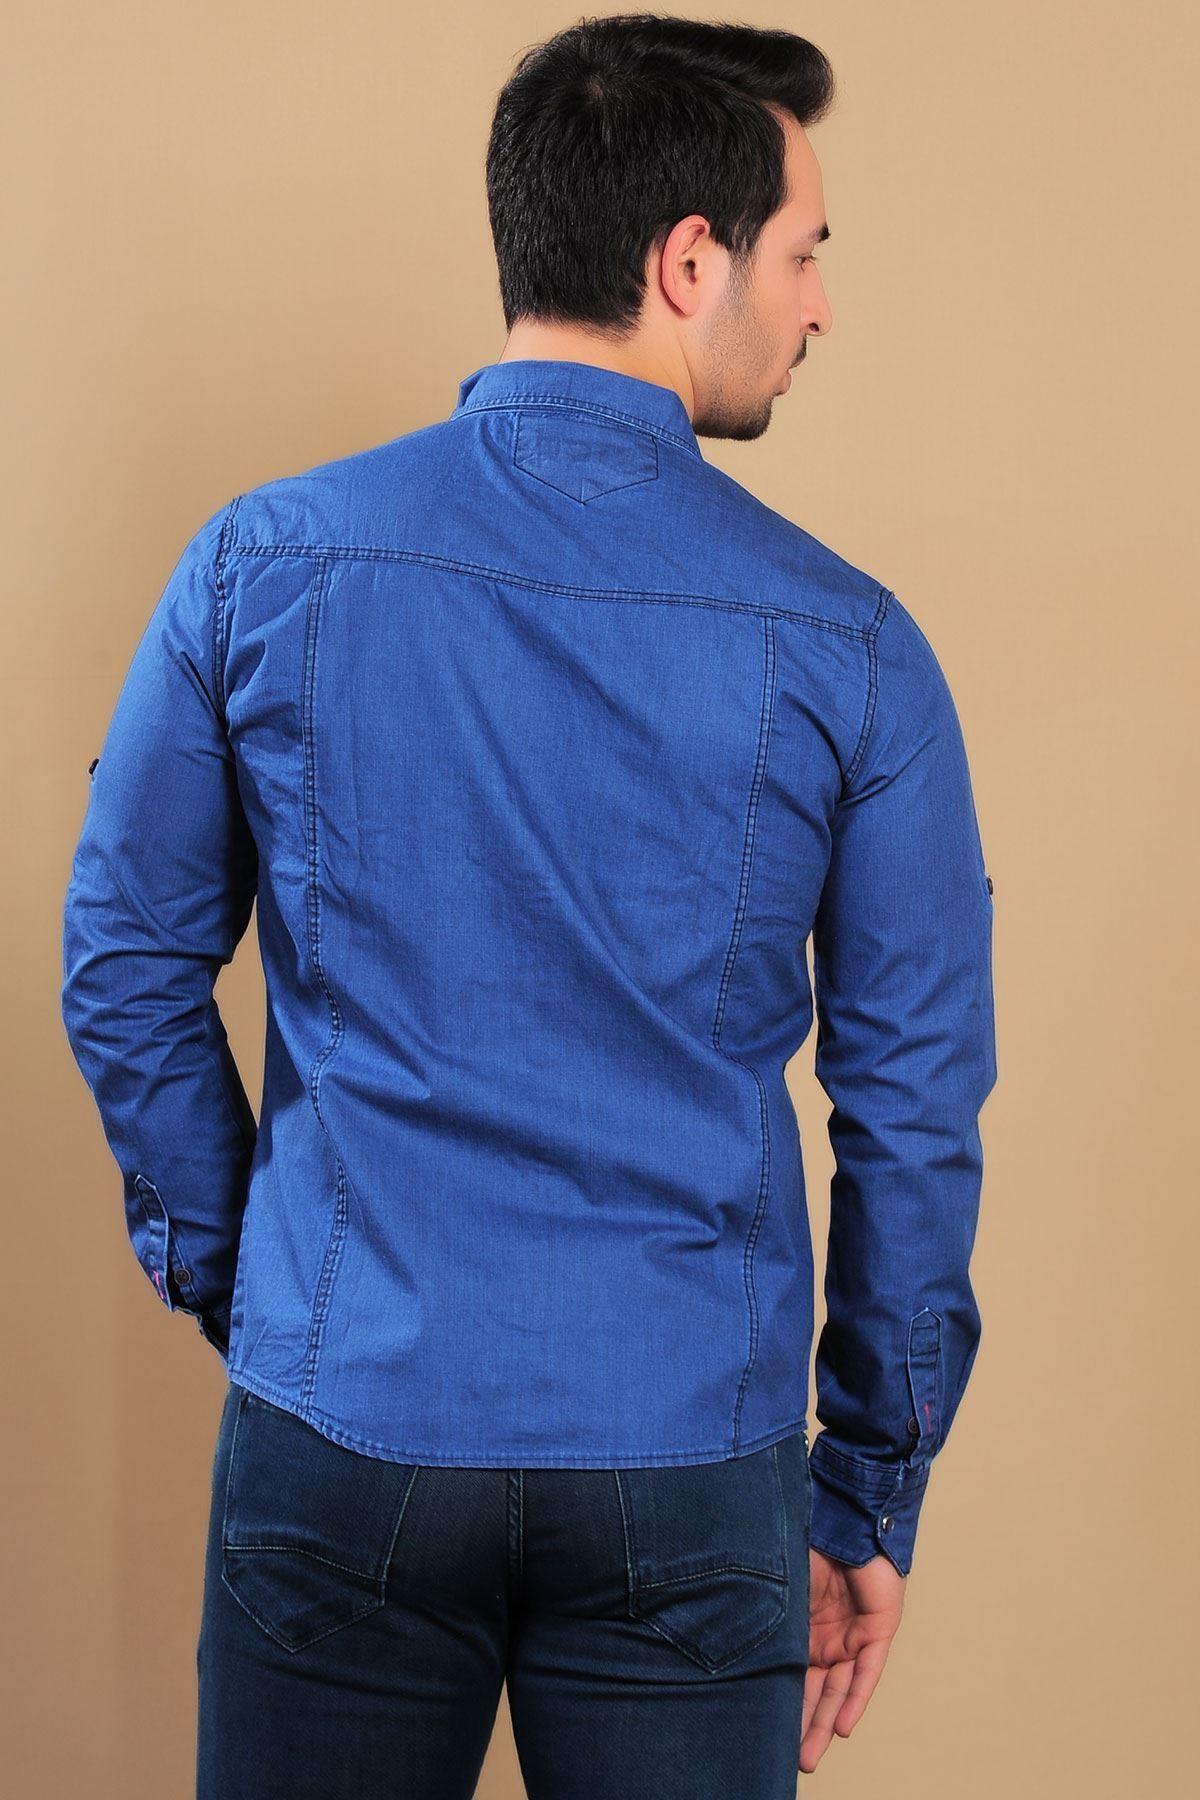 Çift Cep Çıtçıtlı Mavi Erkek Kot Gömlek